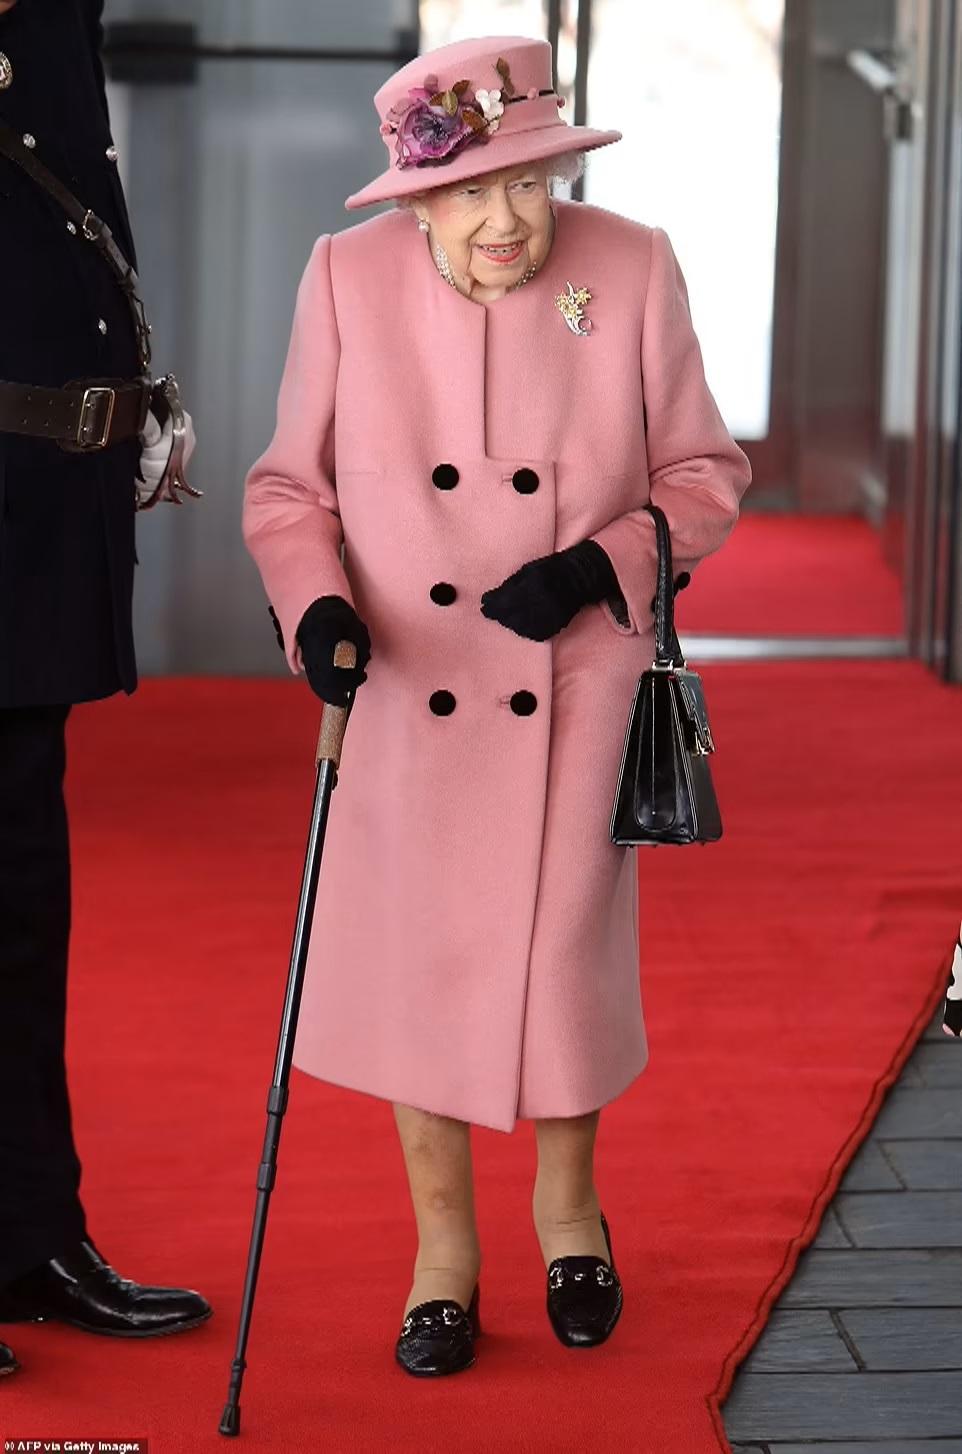 Queen Spends Night in Hospita